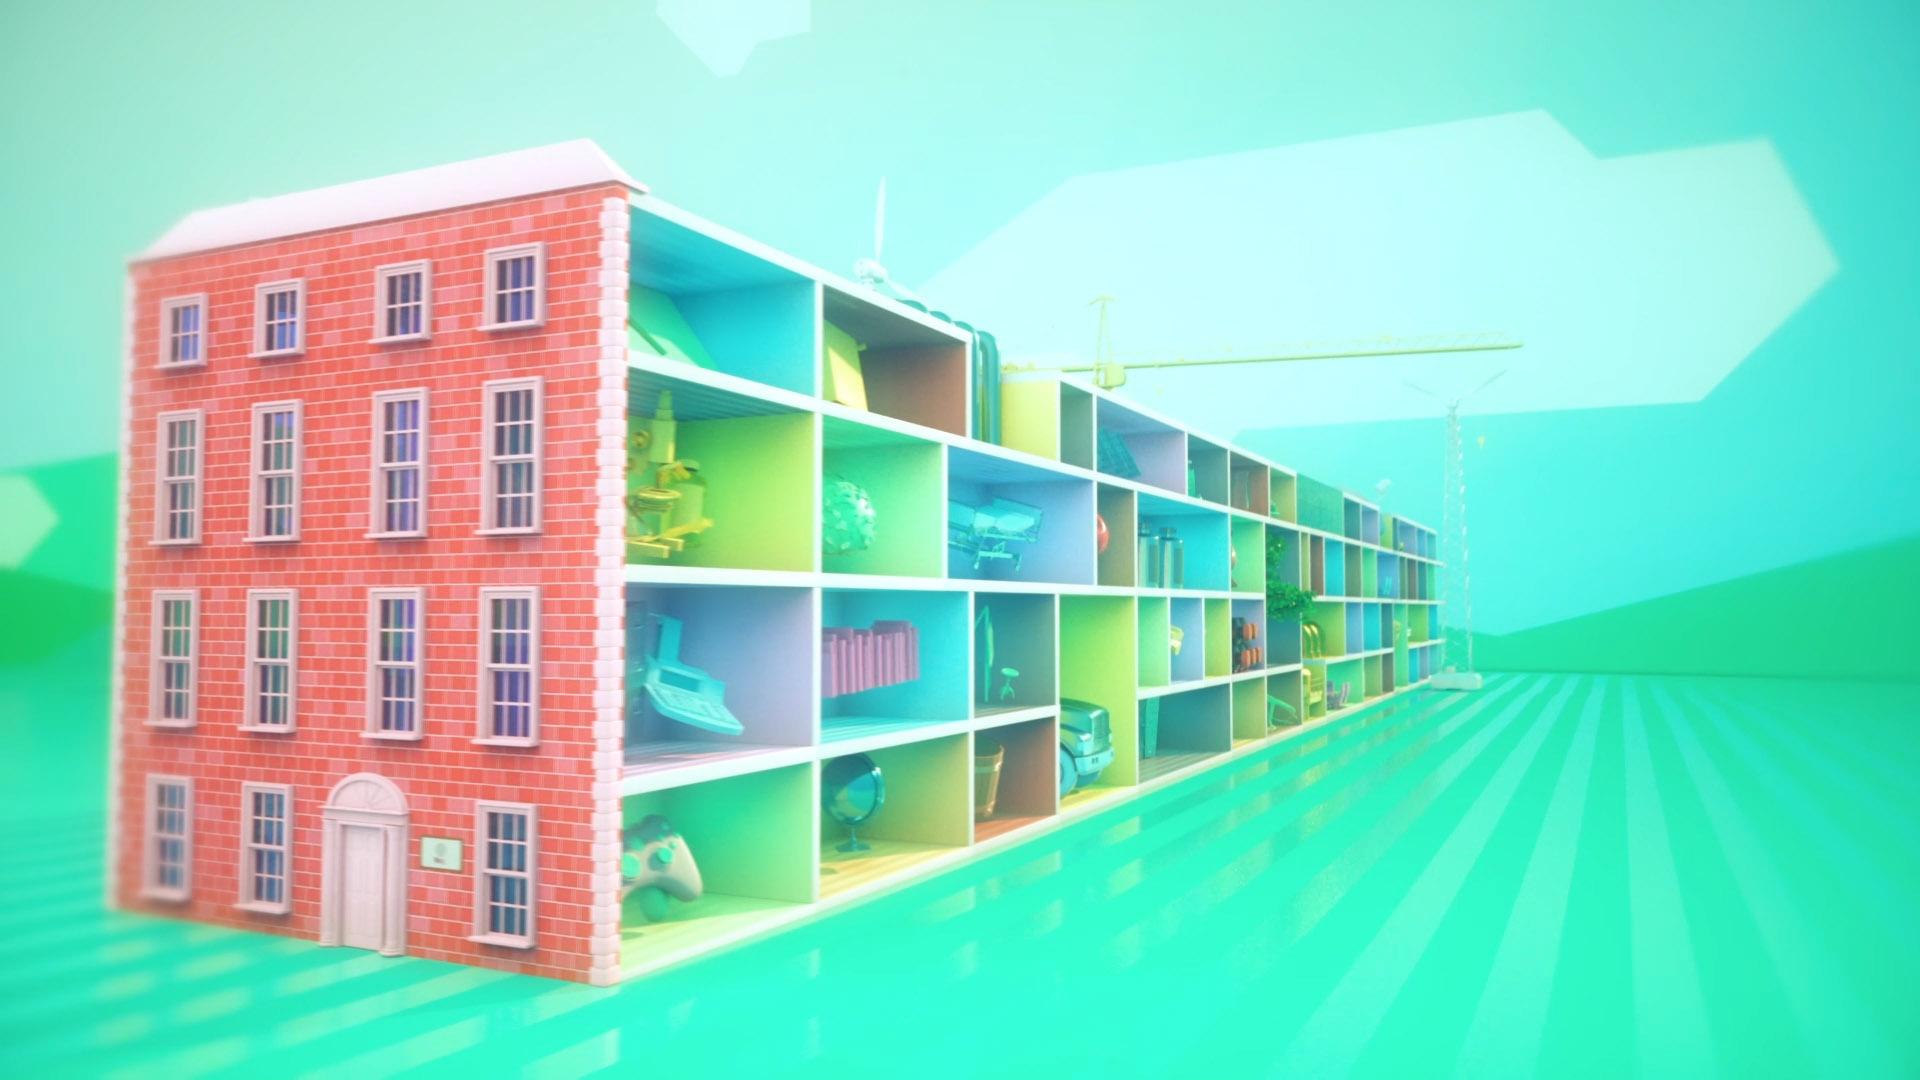 Ibec_facade&house